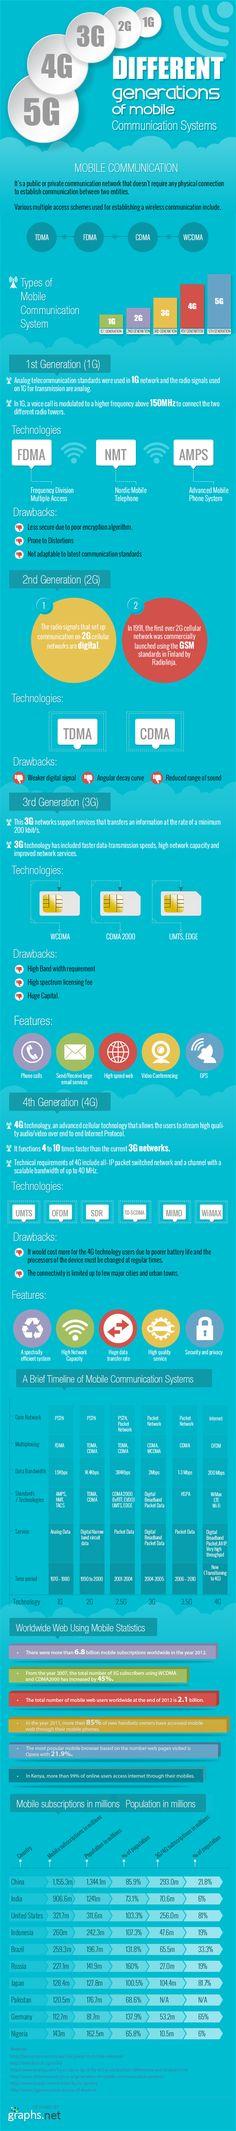 Generaciones de sistemas de comunicación móvil #infografia #infographic